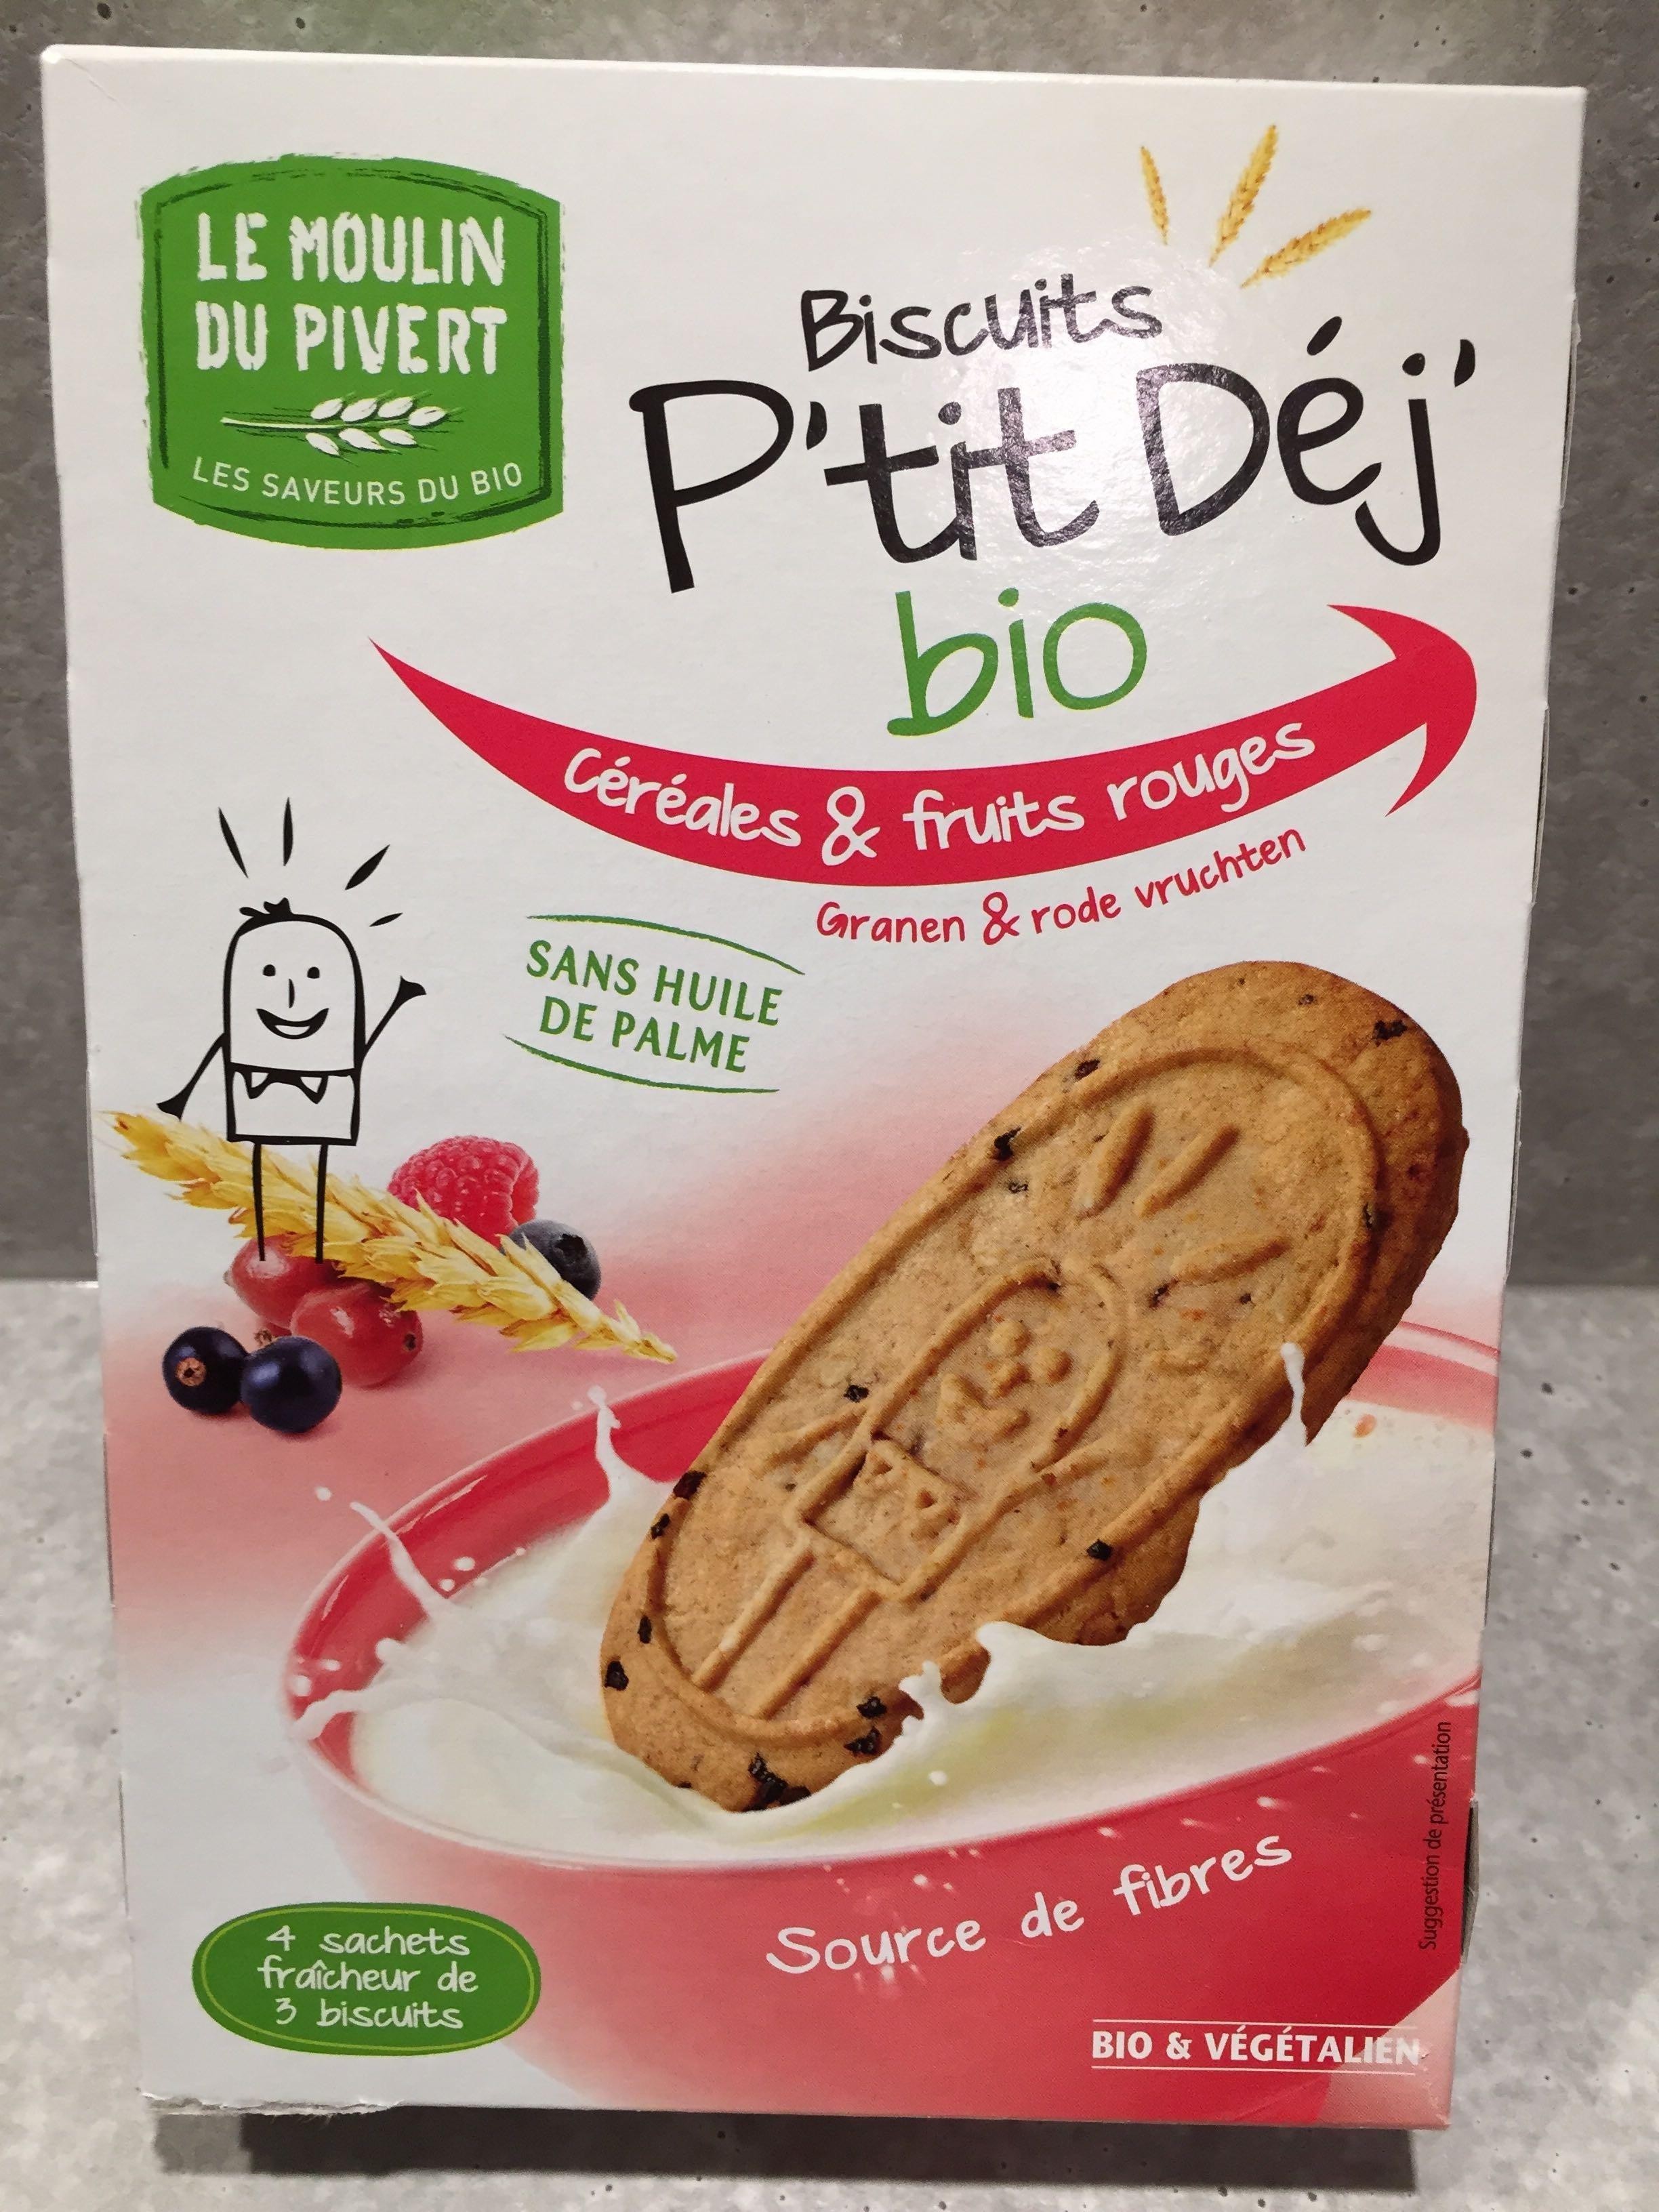 Biscuits p'tit dej bio - Produit - fr